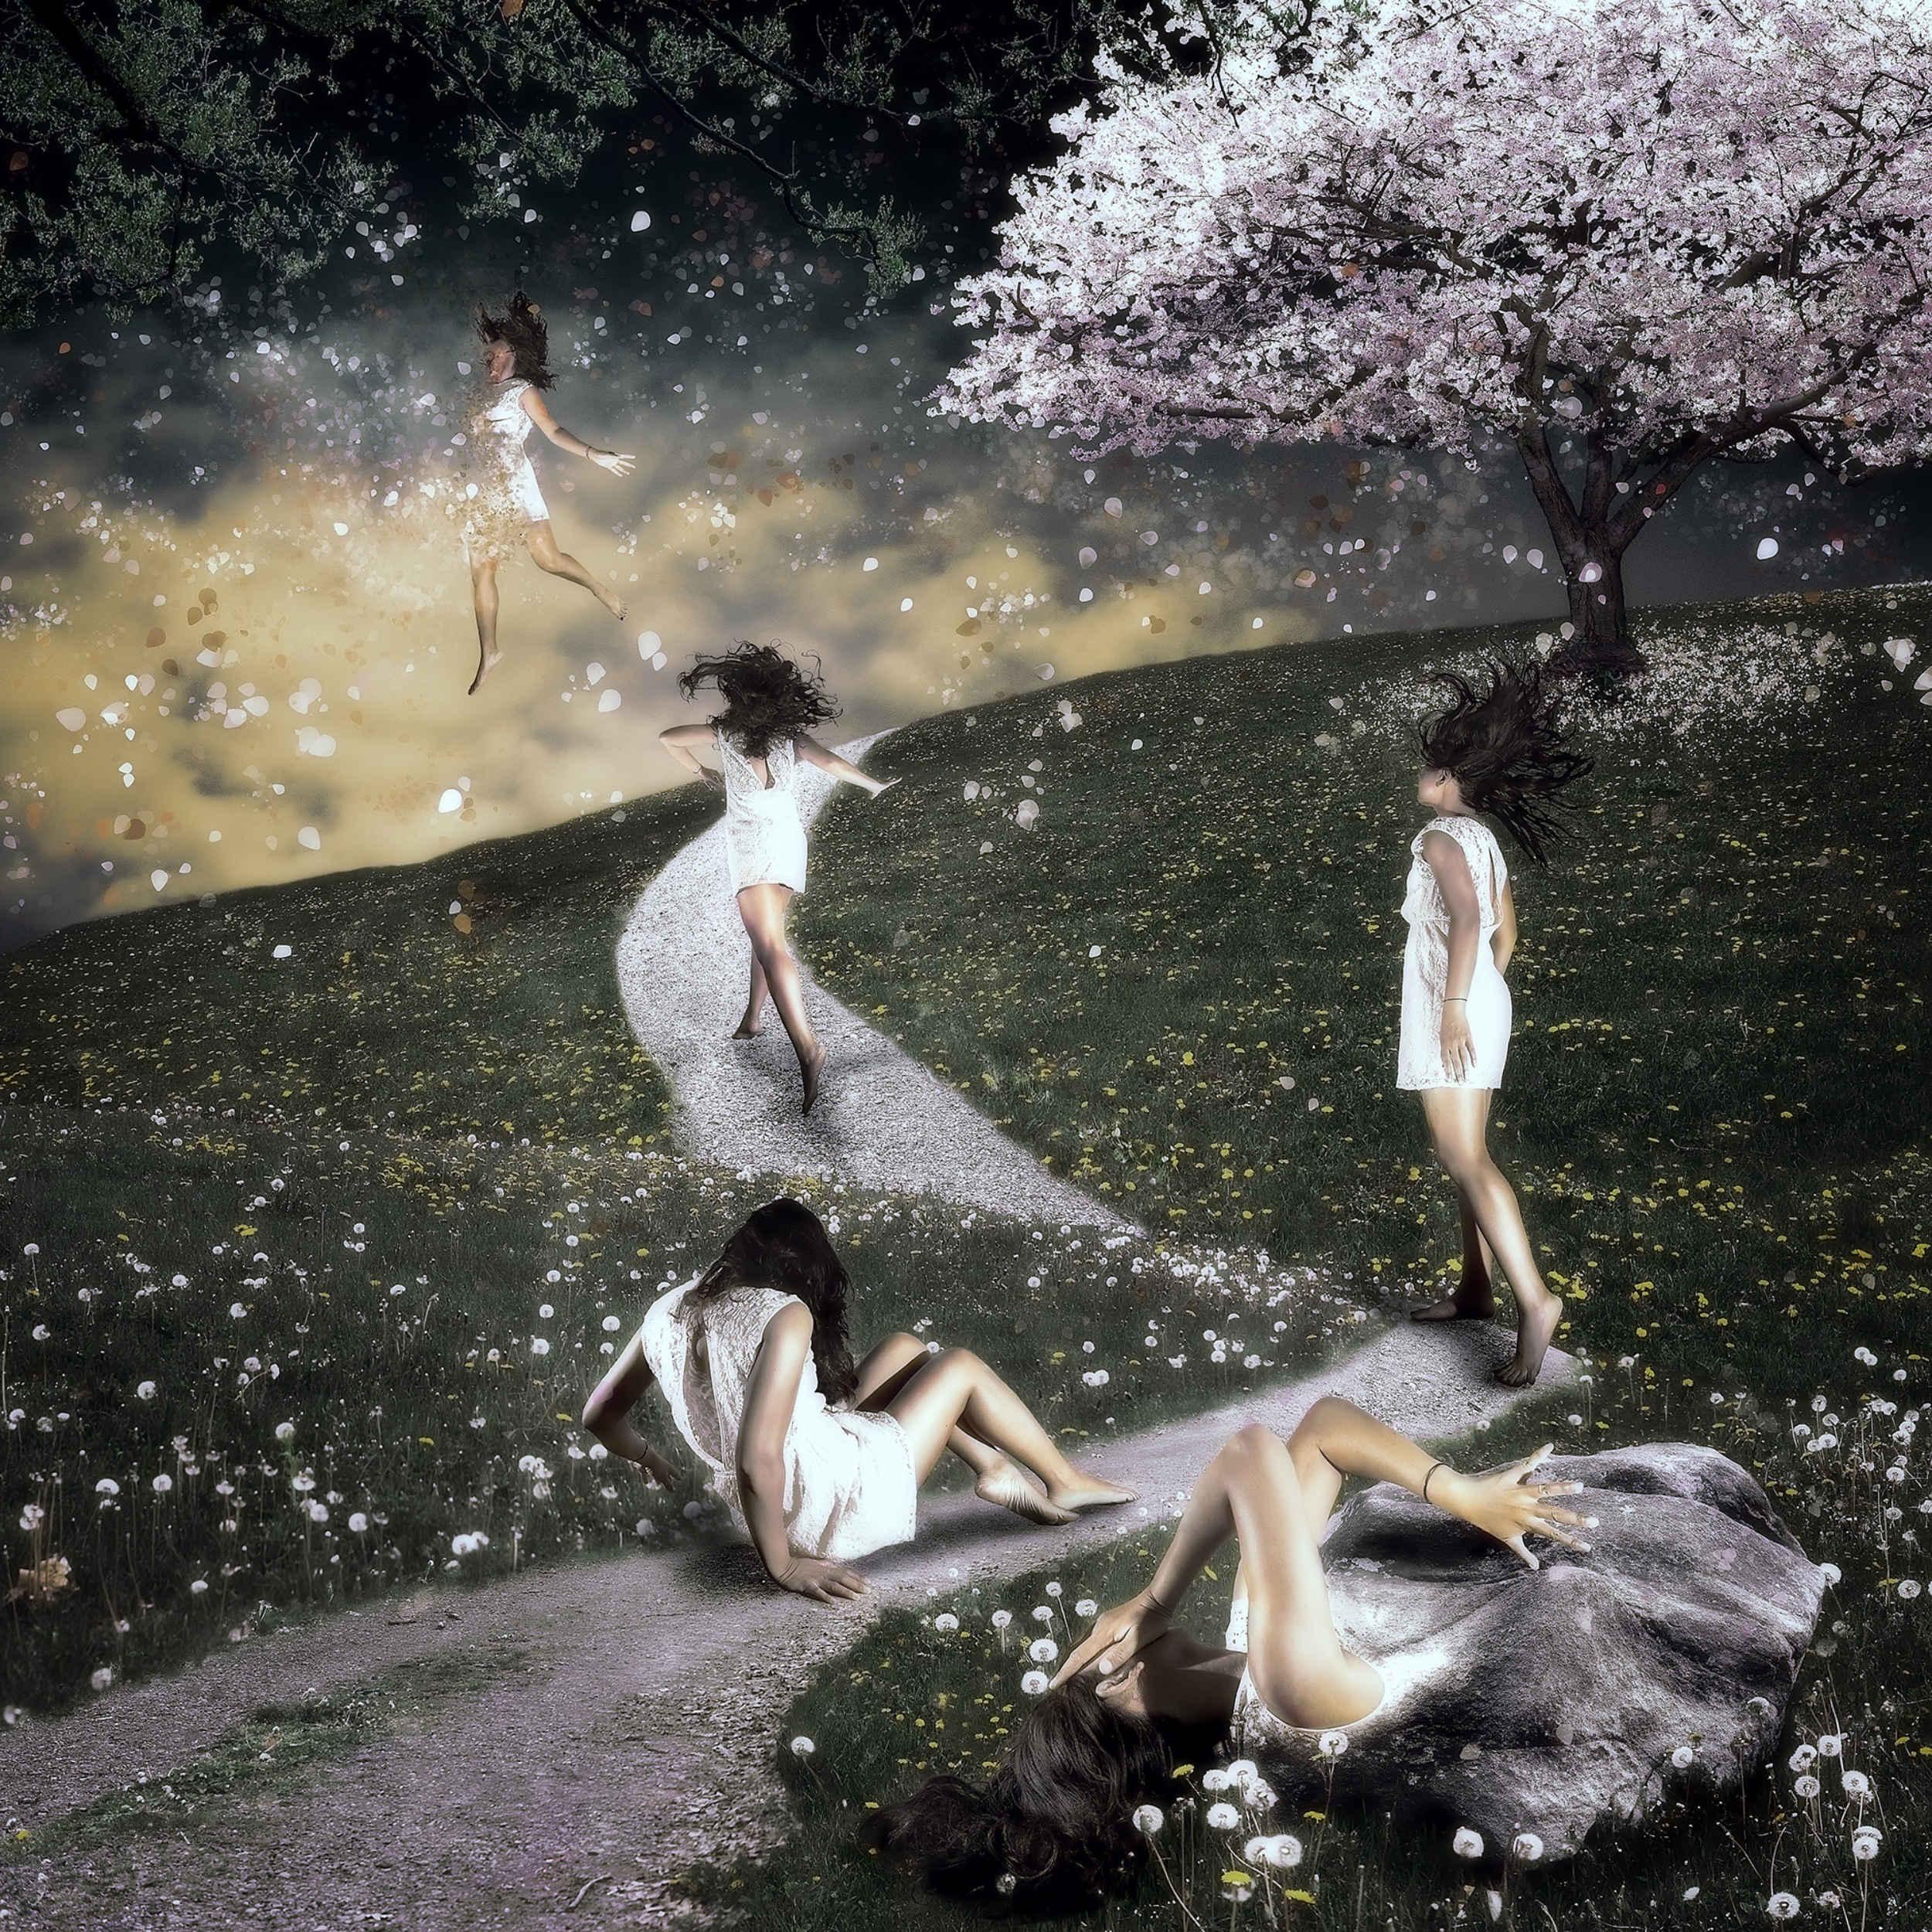 ChalaJan_FineArt_Spring Breeze.jpg